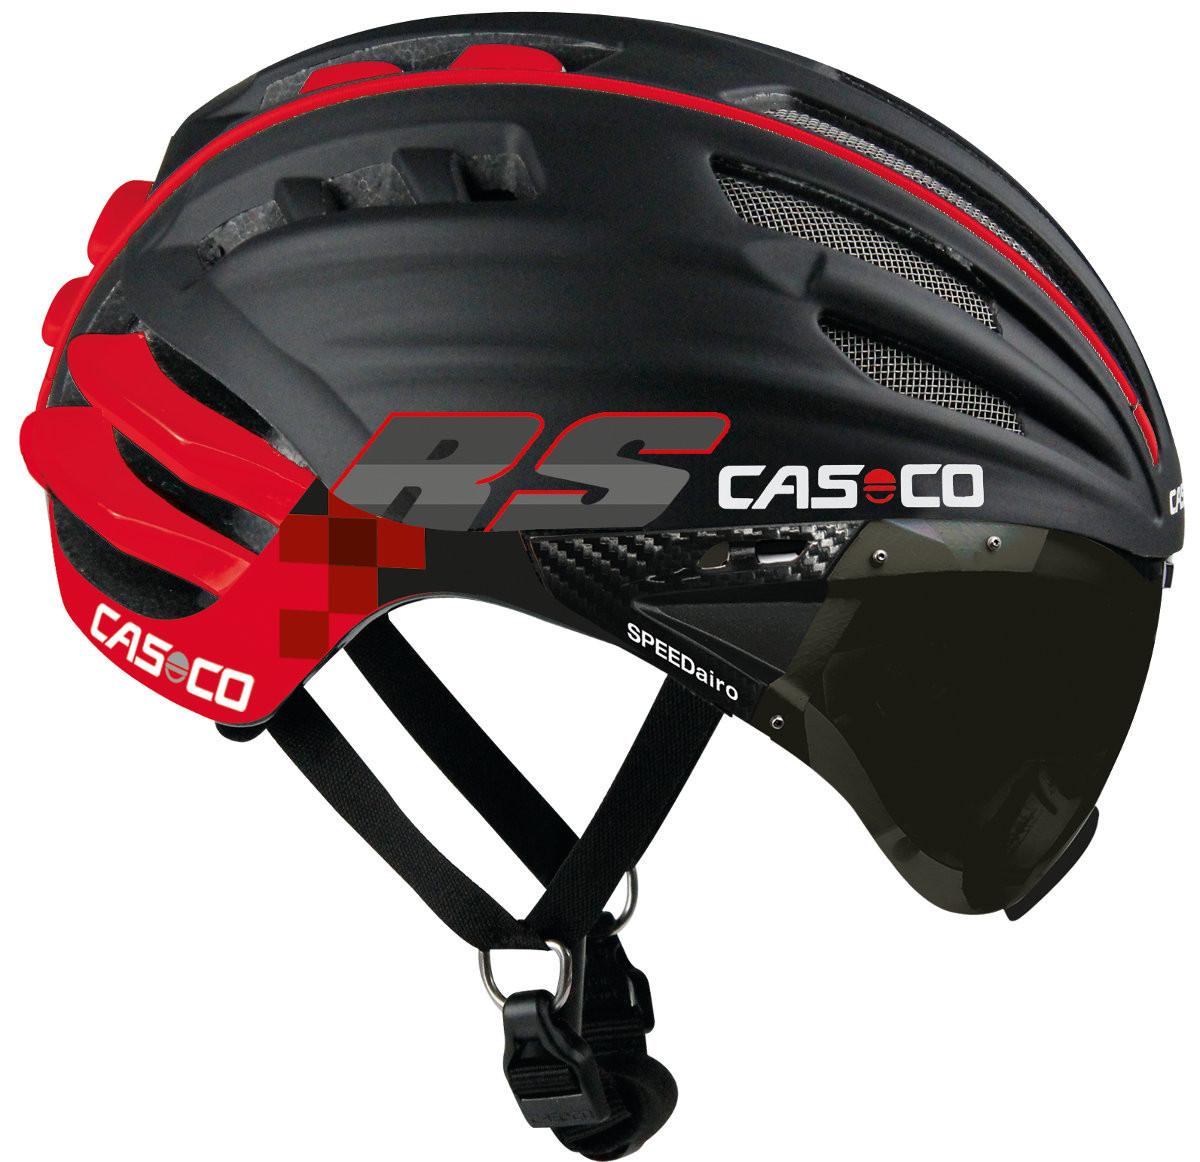 Велошлем с визором Casco SPEEDairo RS blacked (MD)